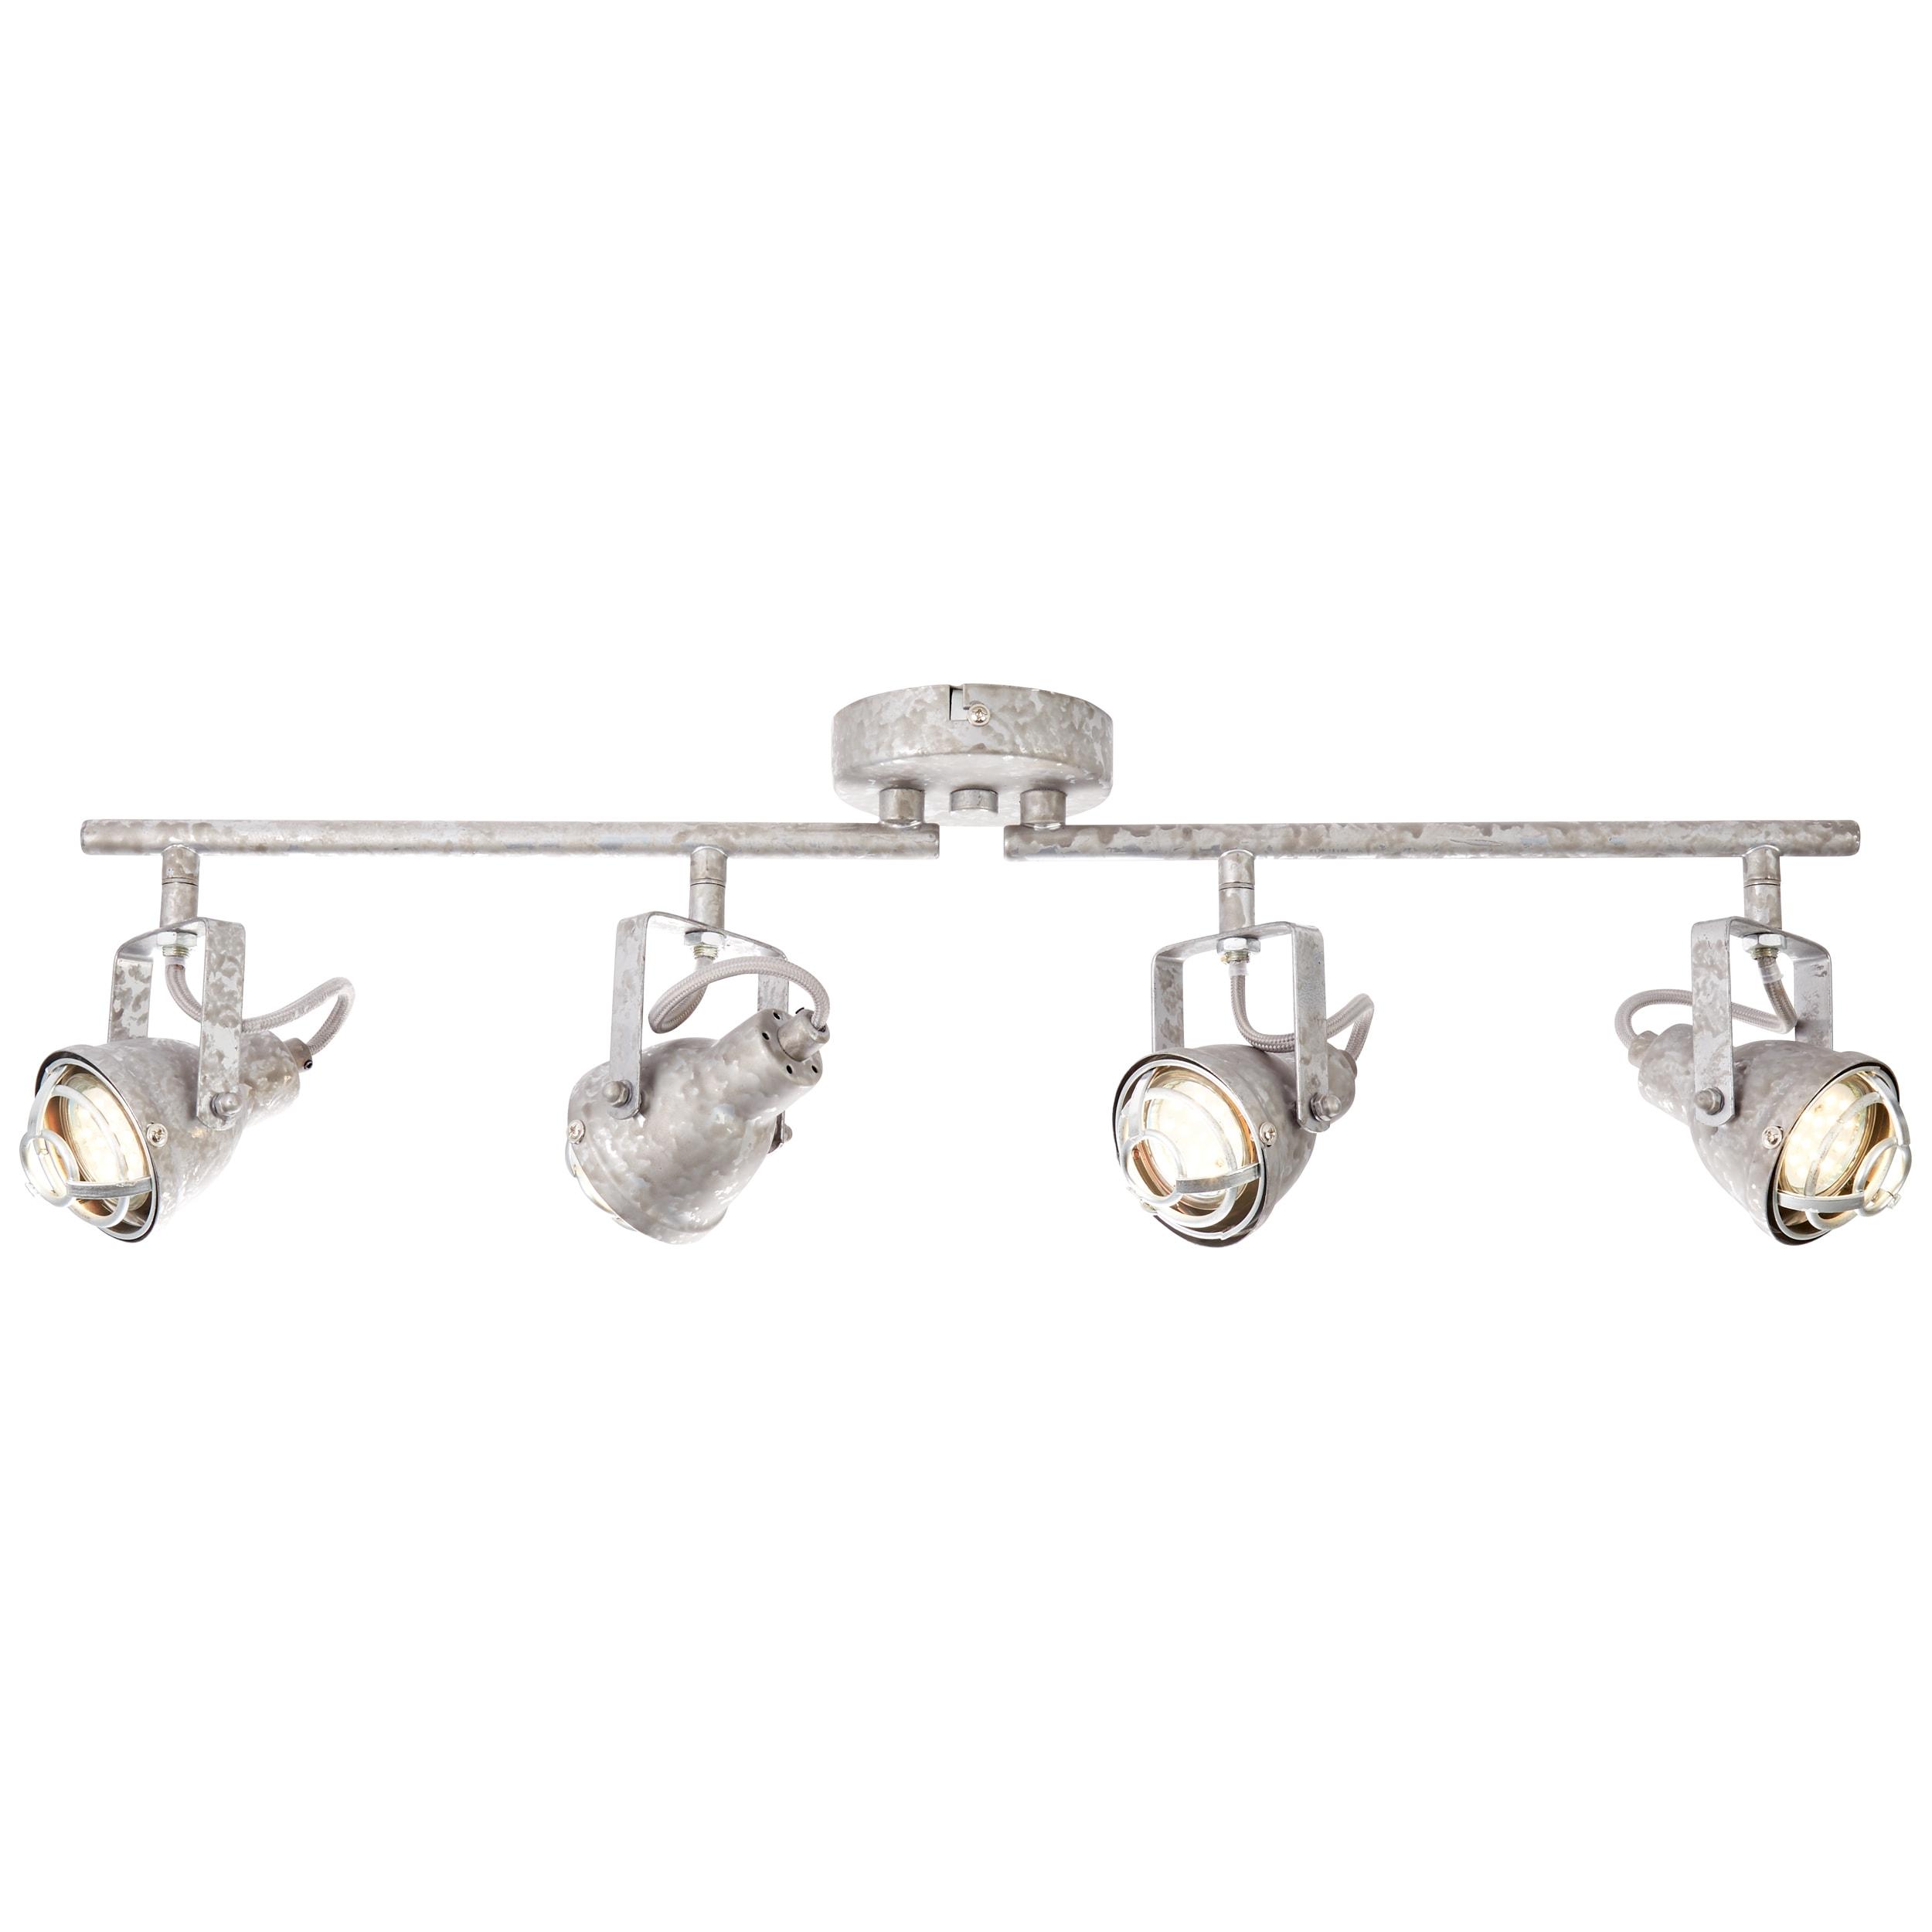 Brilliant Leuchten Bente Spotrohr 4flg zink antik   Lampen > Strahler und Systeme > Strahler und Spots   Rot   Metall   BRILLIANT LEUCHTEN